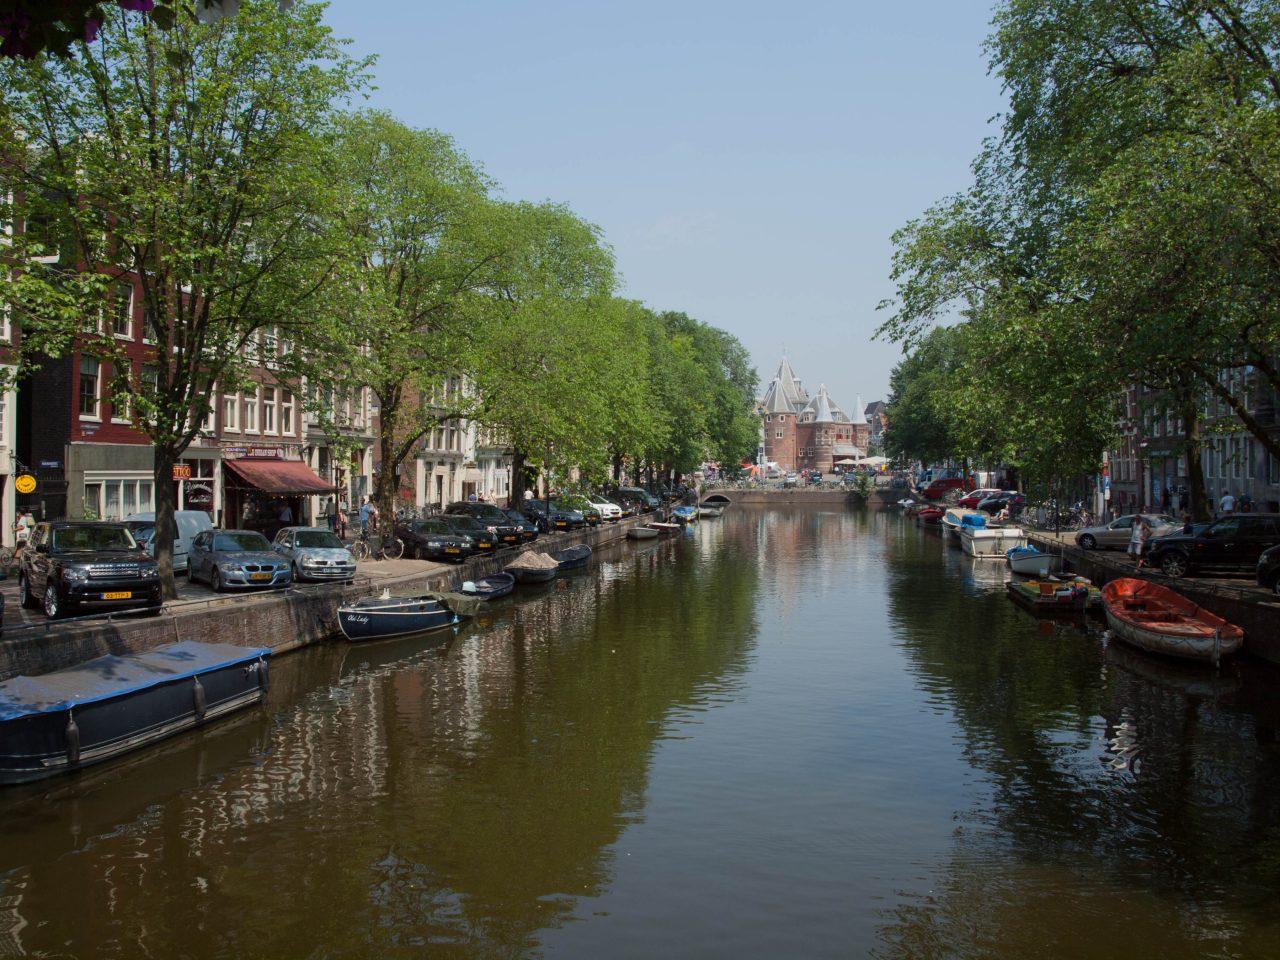 Holland, Venedig des Nordens. Amsterdam's Grachten. Mehr Amsterdam Sehenswürdigkeiten Reisetipps folgen hiernach.